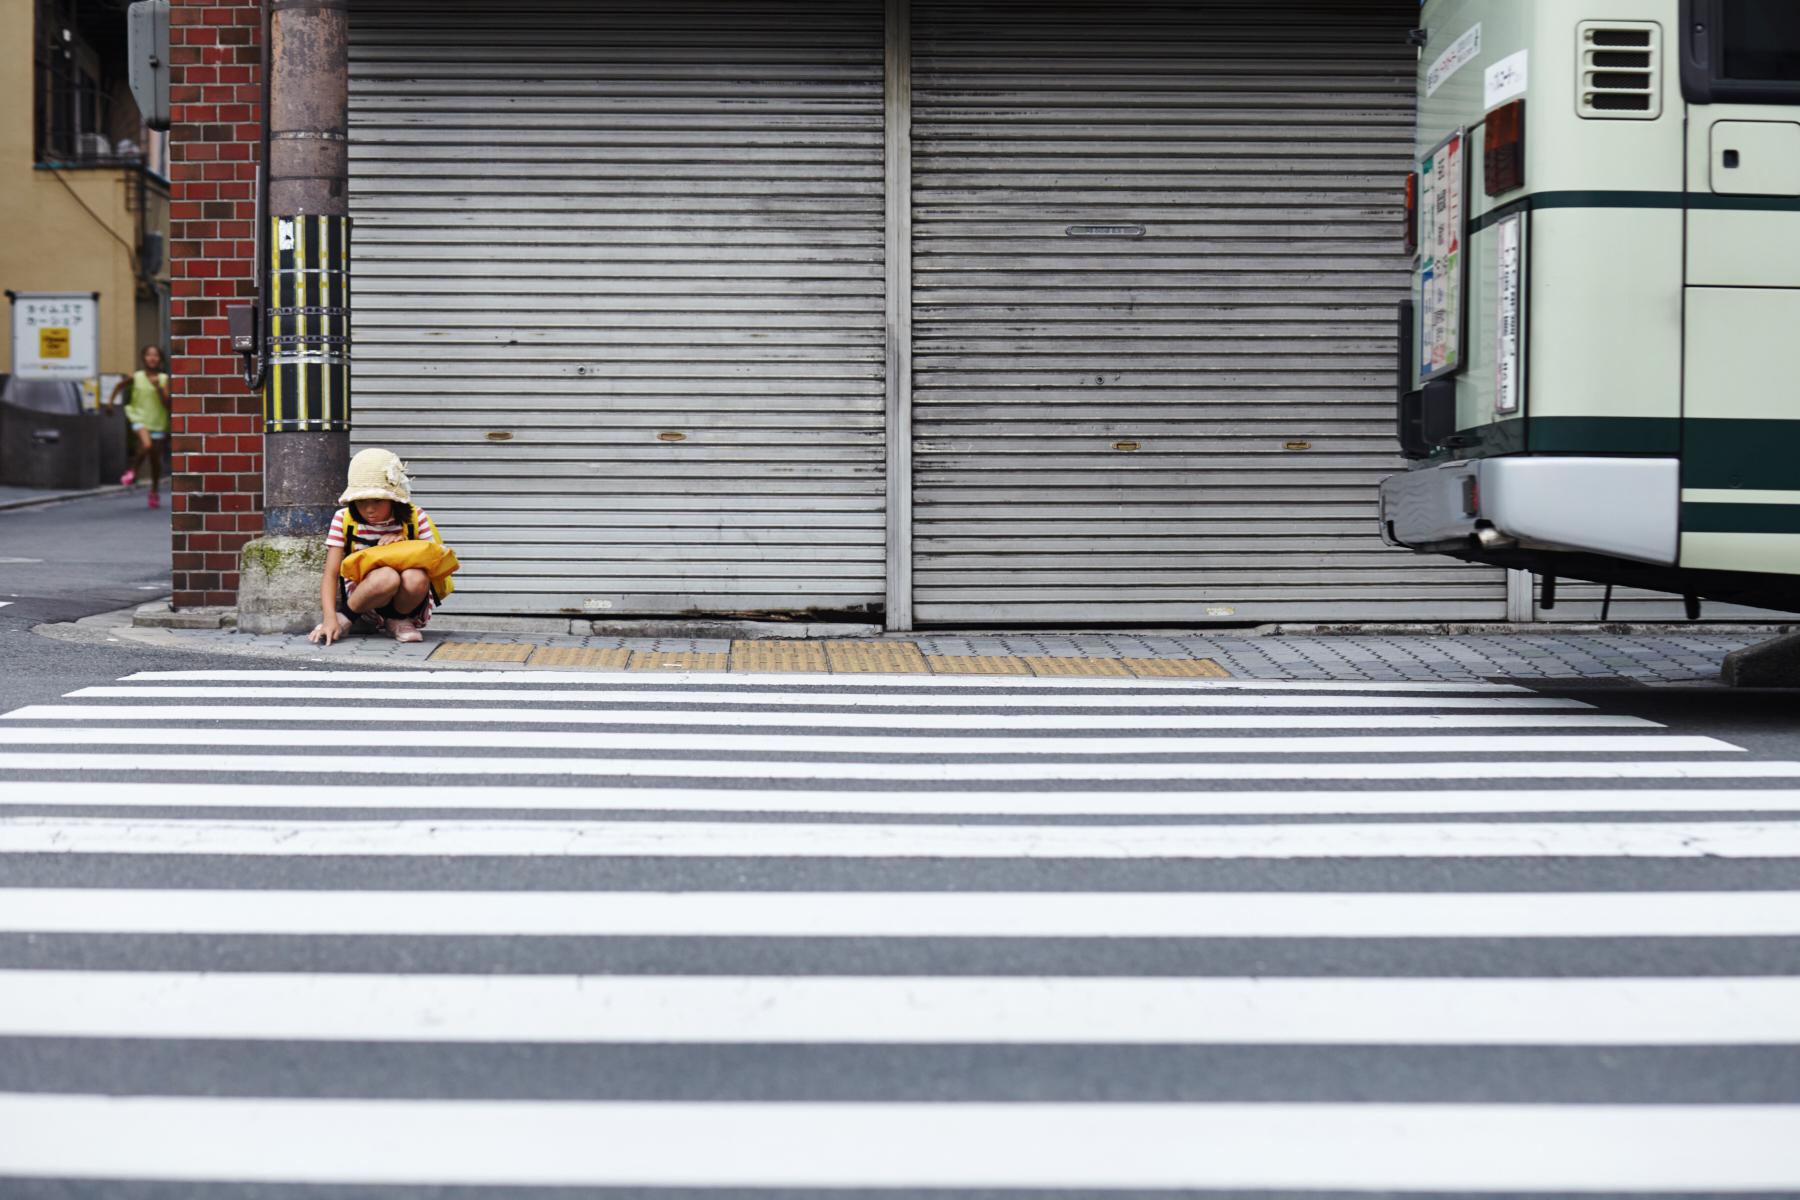 Unit_Jochem_van_Grunsven_Japan_Honne_Tatemae_08_1623.jpg